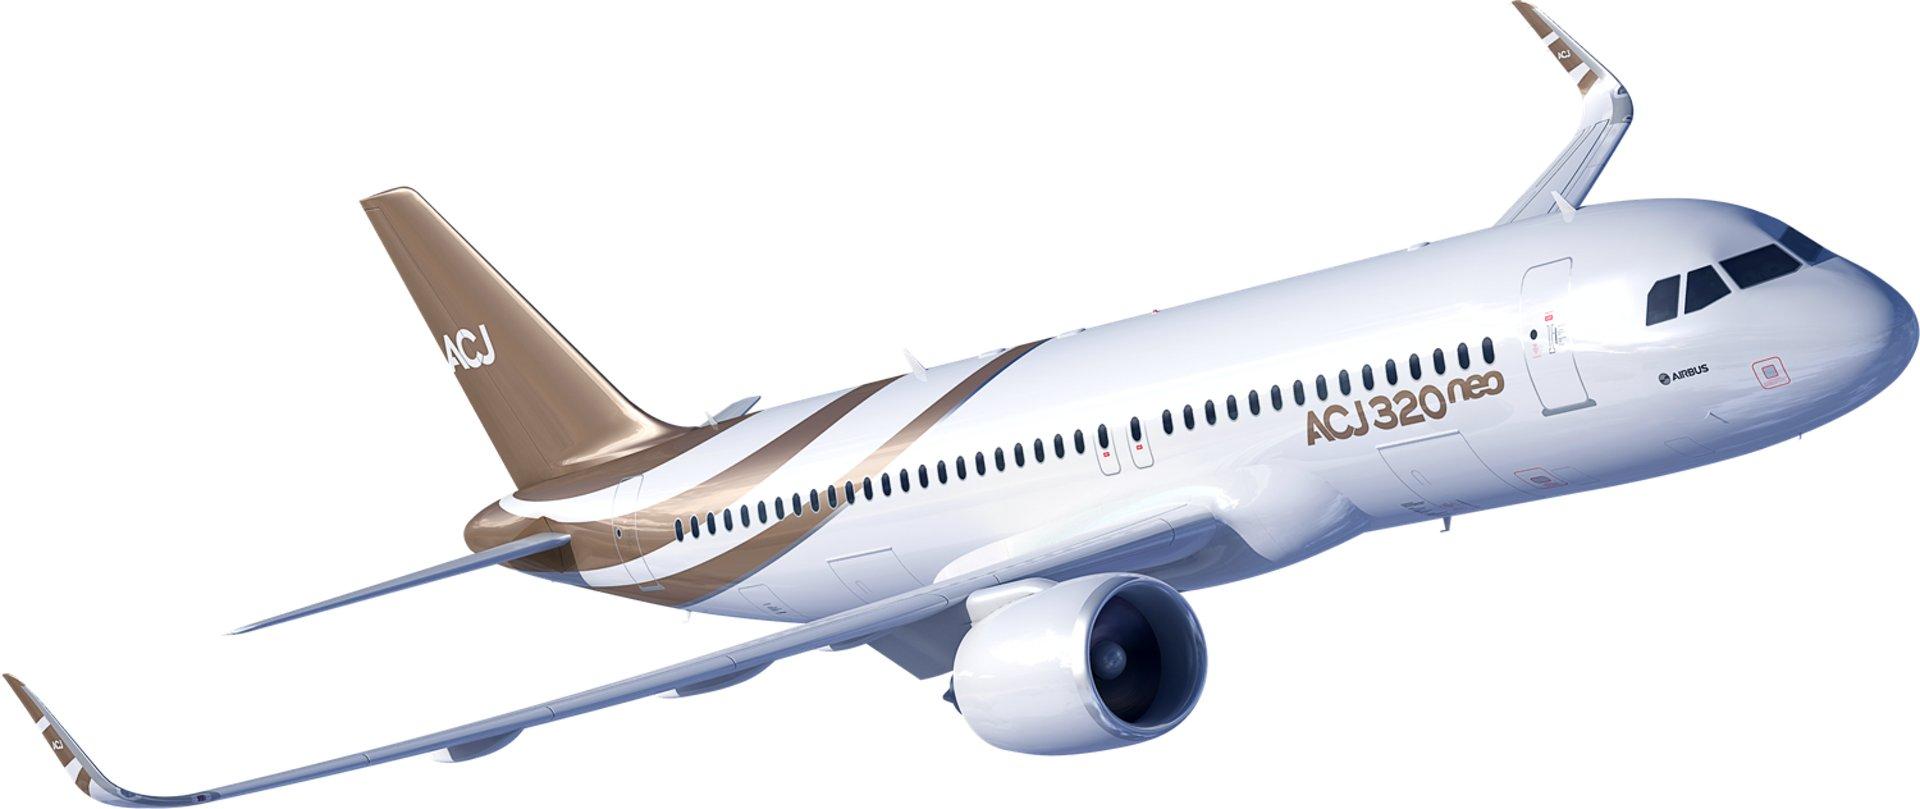 Resultado de imagen para ACJ320neo logo